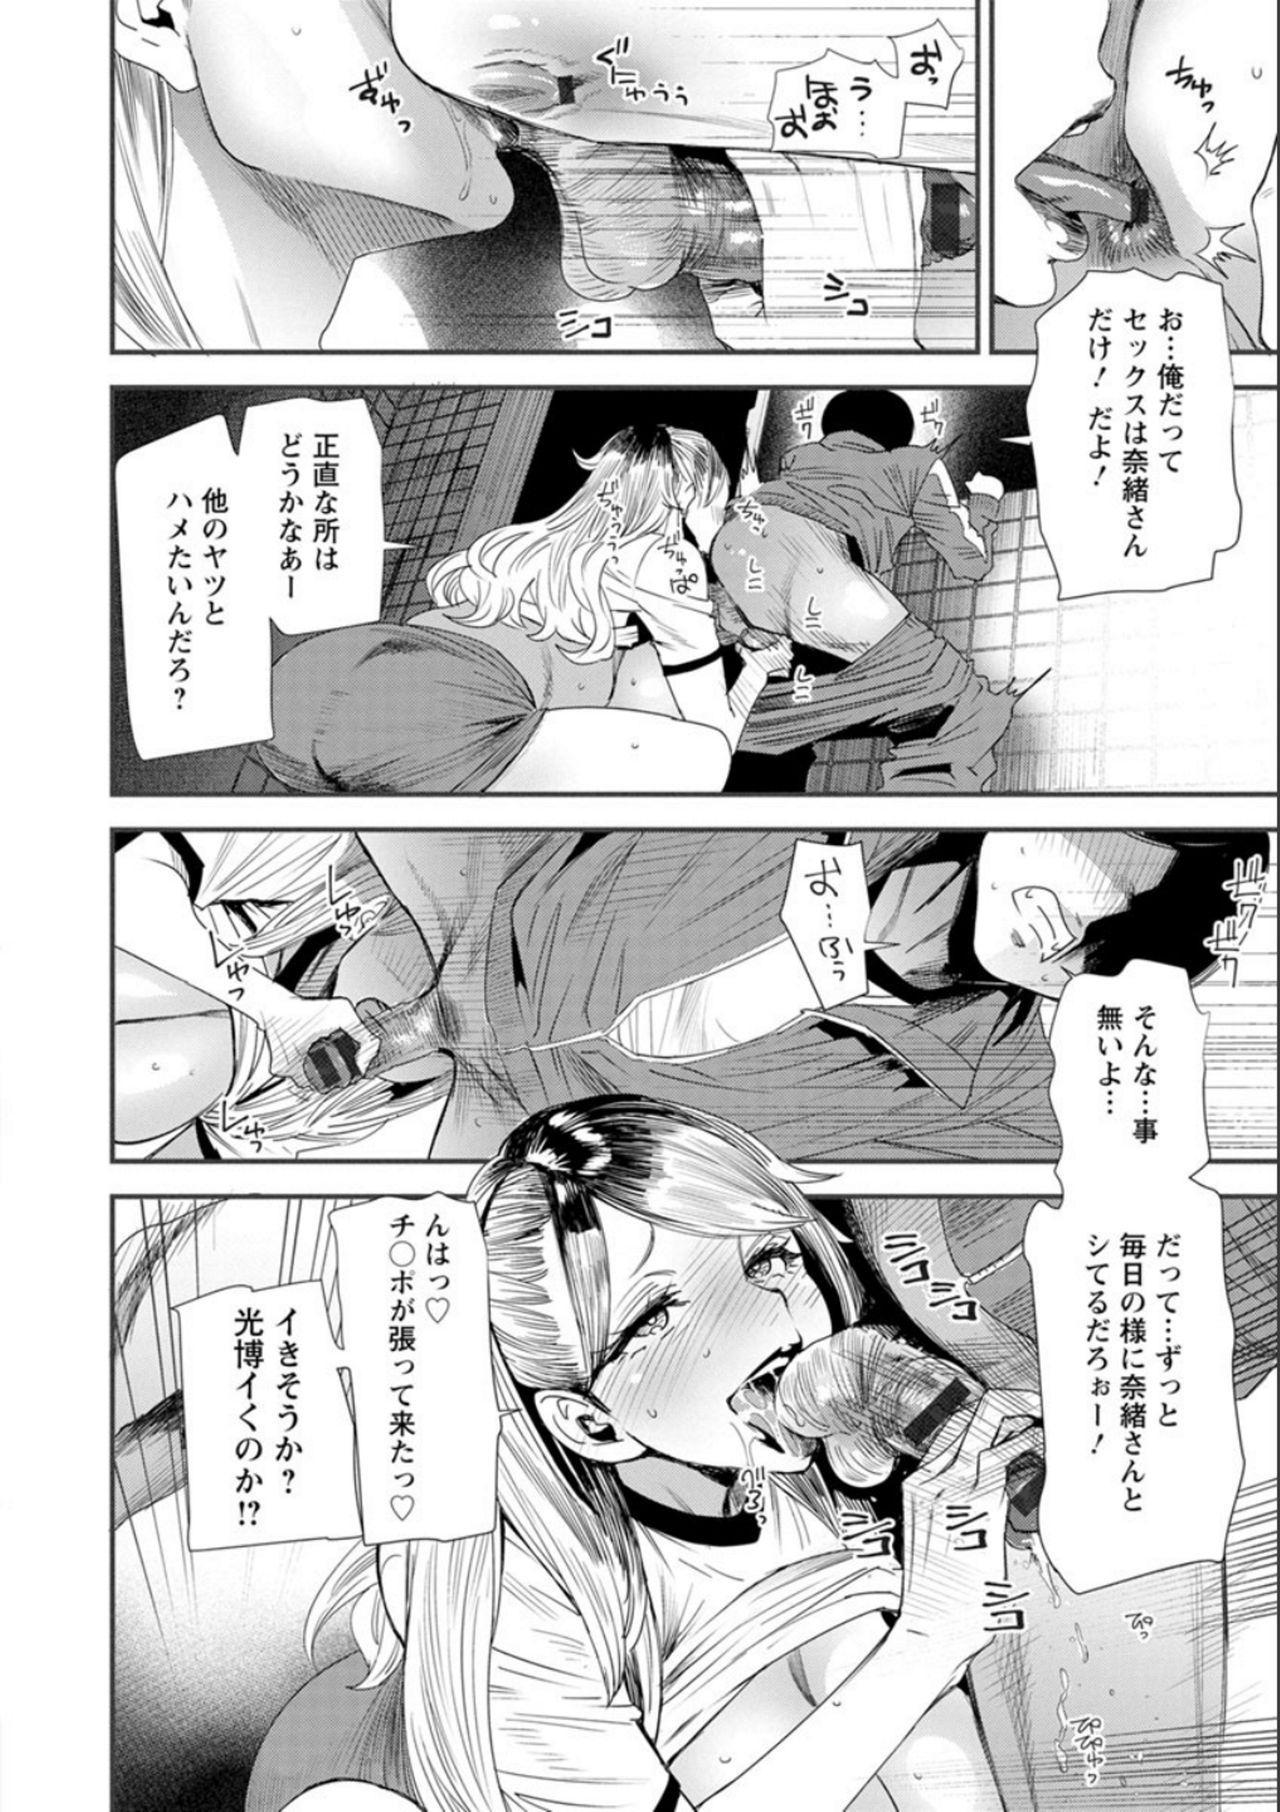 Nao's Secret 31